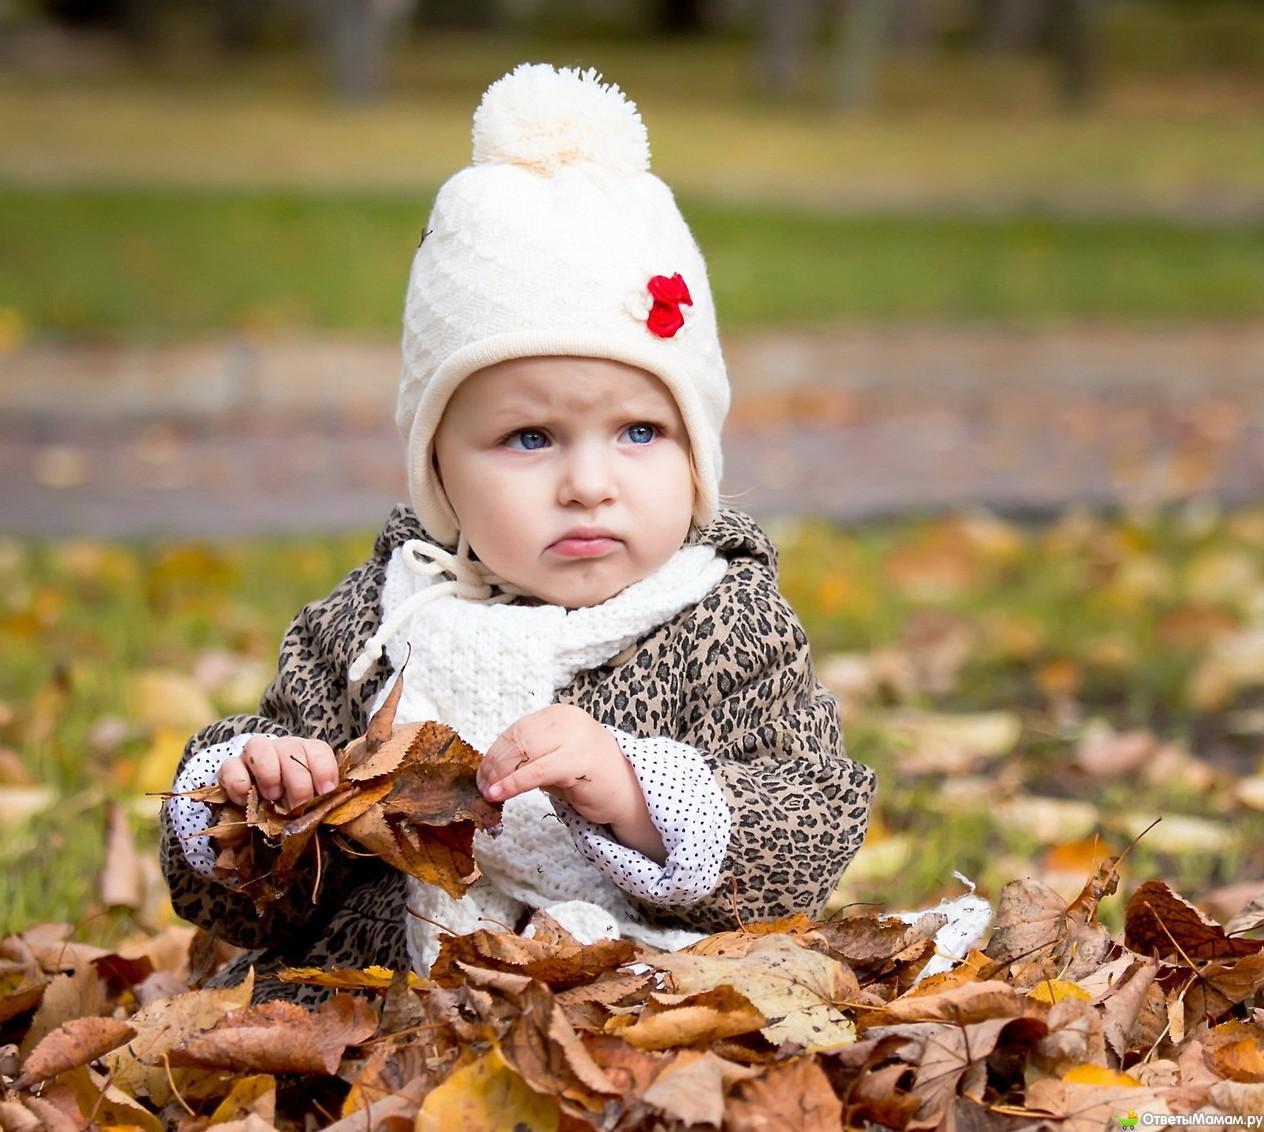 Русские девчонки шалуньи 15 фотография